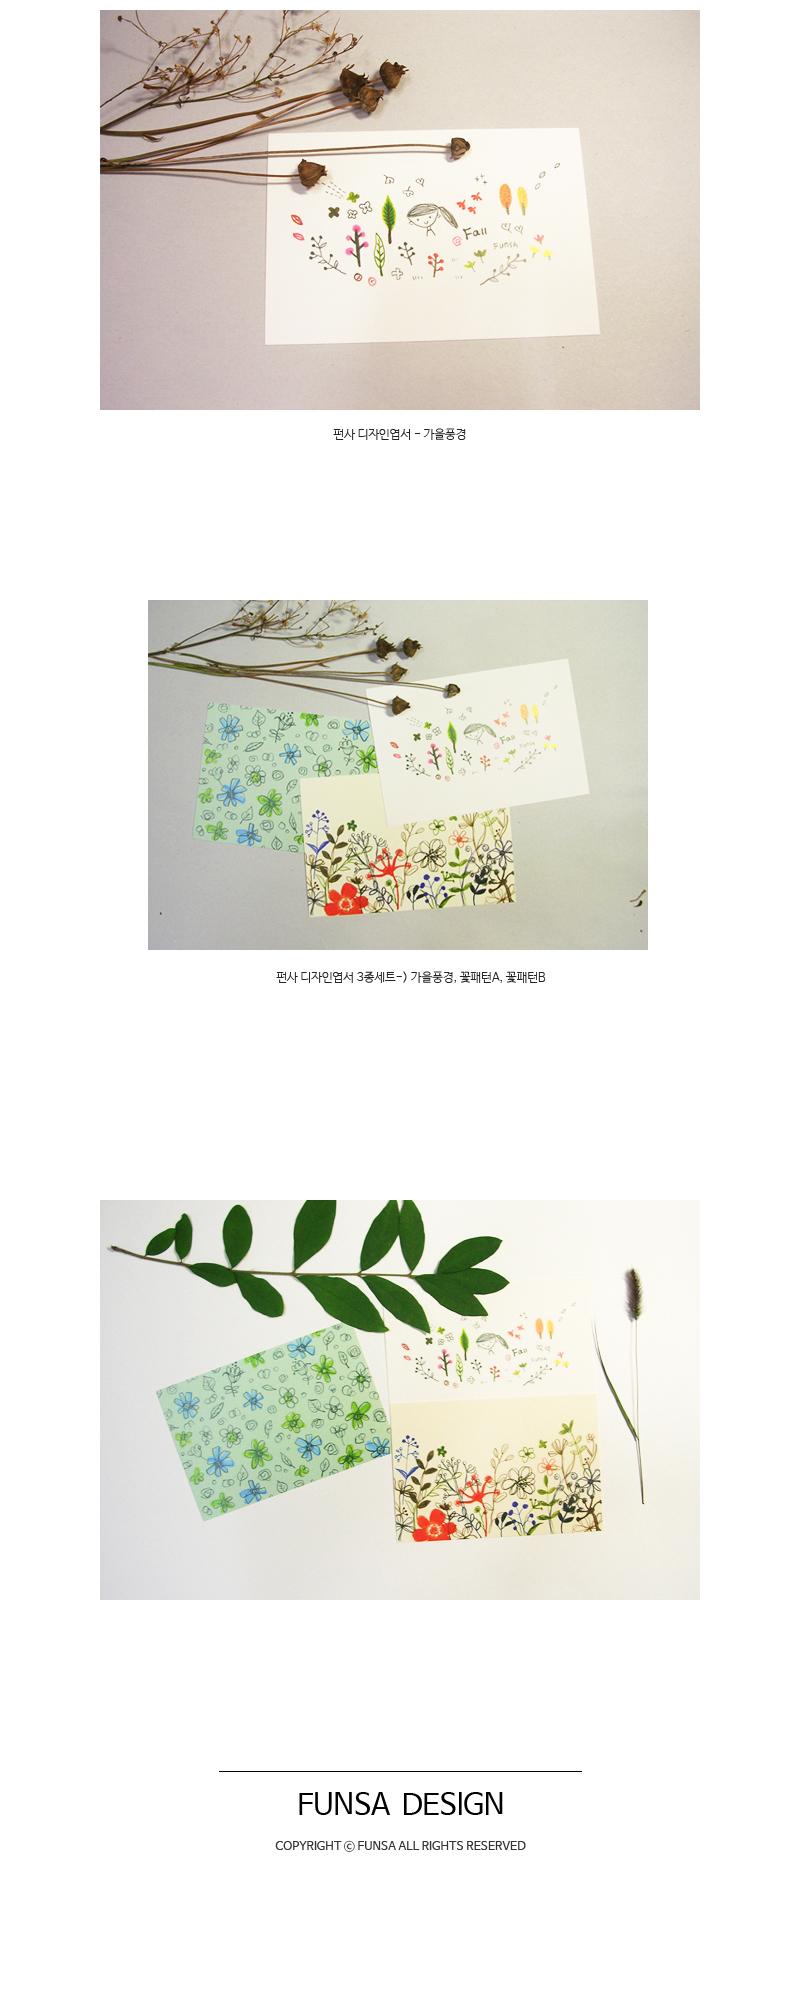 펀사 디자인엽서 - 가을풍경 - 펀사, 1,000원, 엽서, 일러스트